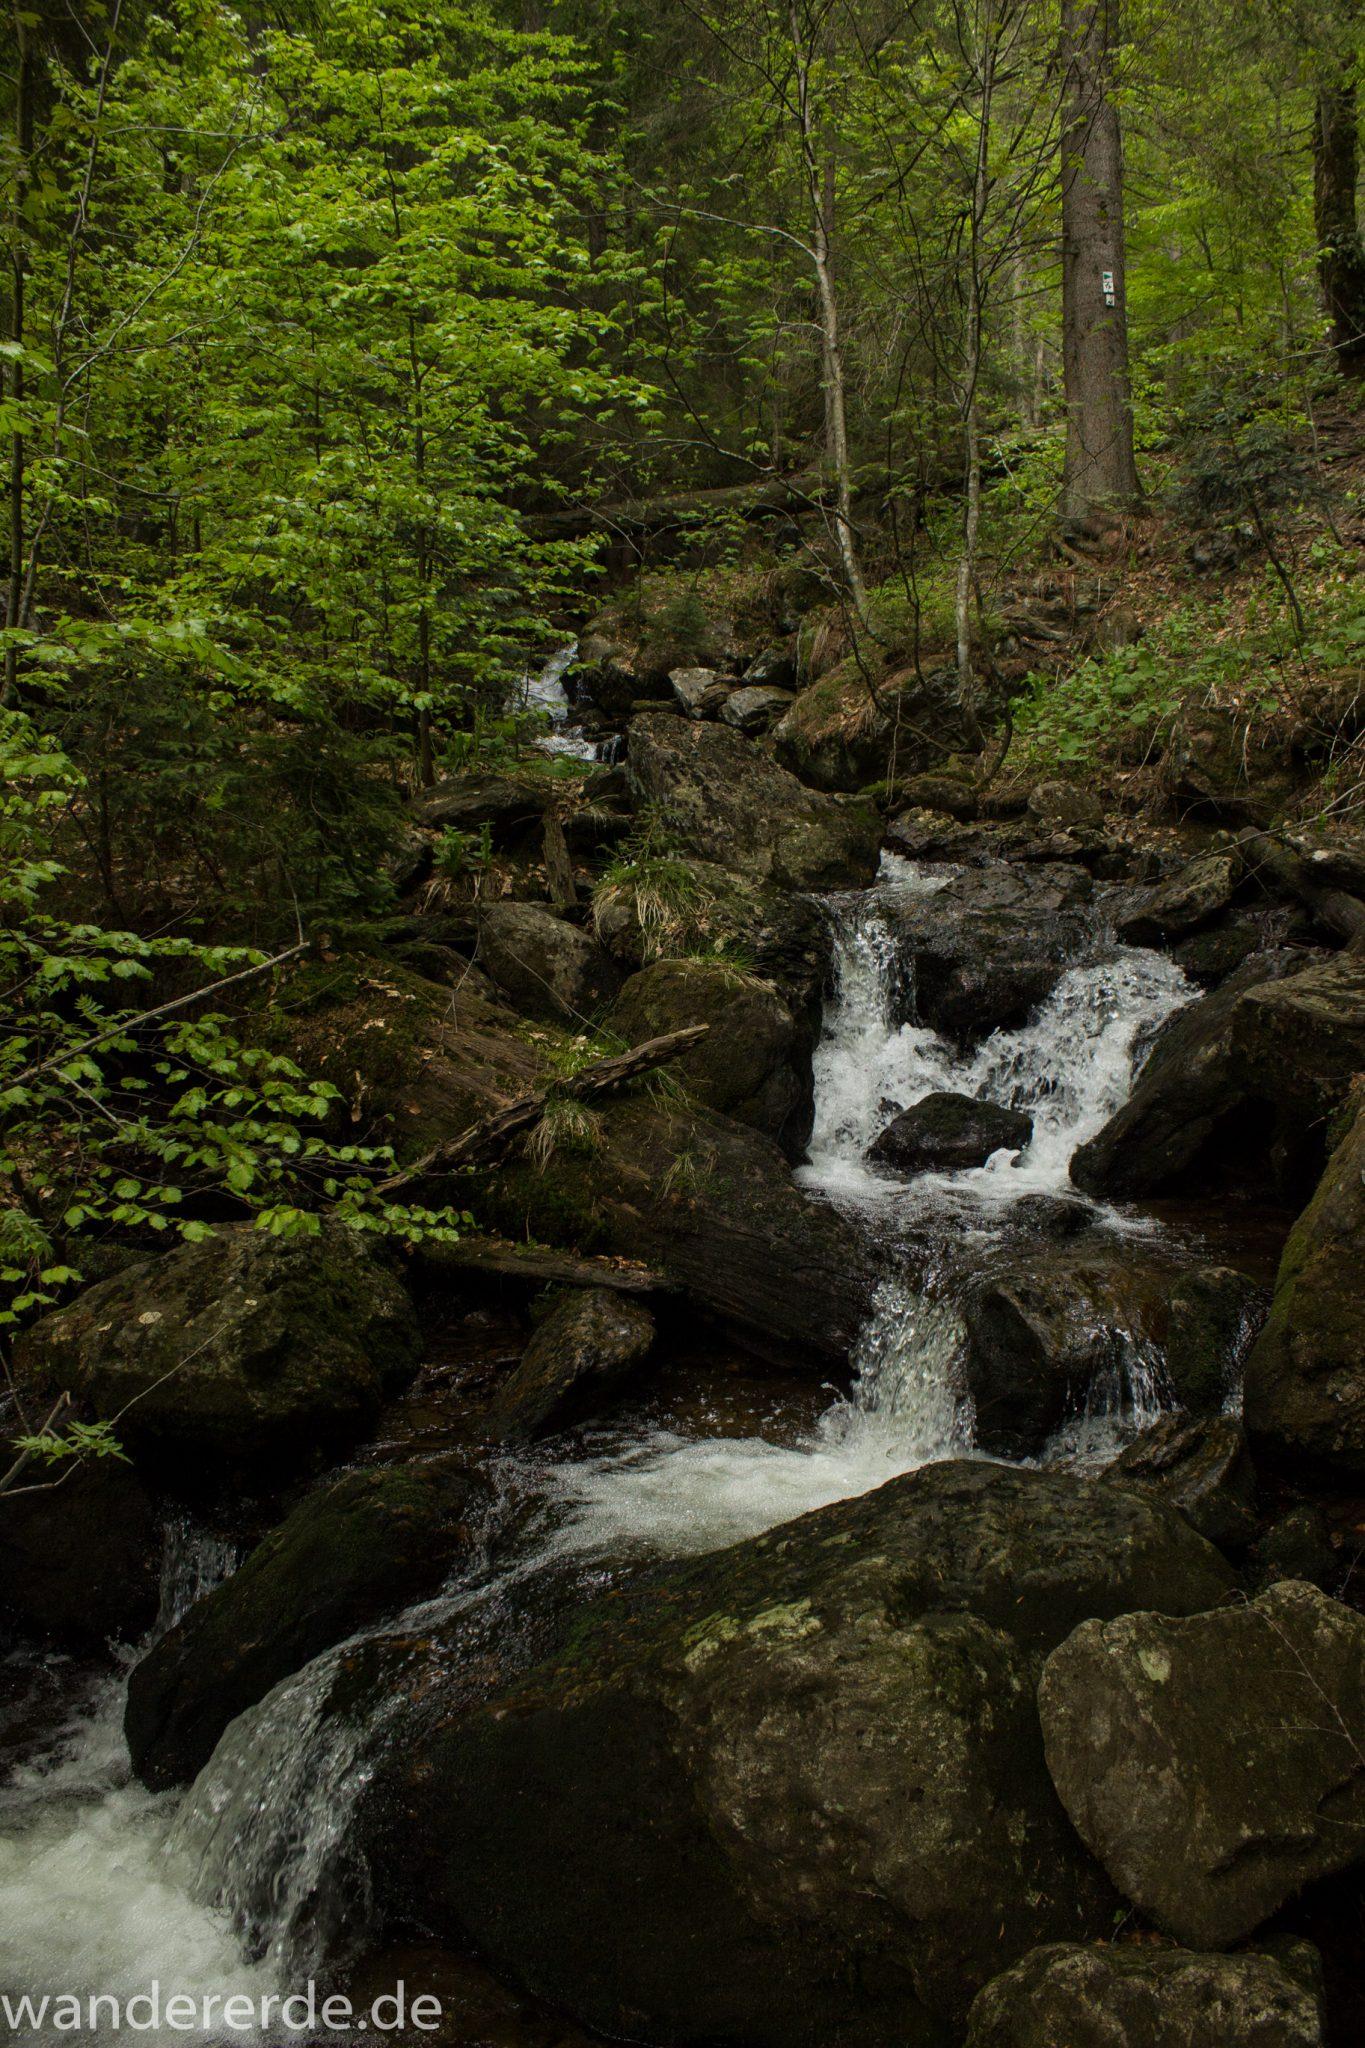 Rundwanderung zum Großen Falkenstein im Bayerischen Wald mit Start beim Zwieslerwaldhaus, auf dem Wanderweg Heidelbeere mit traumhaft schönem und dichtem Wald, kühlender Schatten, Frühjahr im bayerischen Wald, ein kleiner Bach fließt Richtung Tal über Felsen